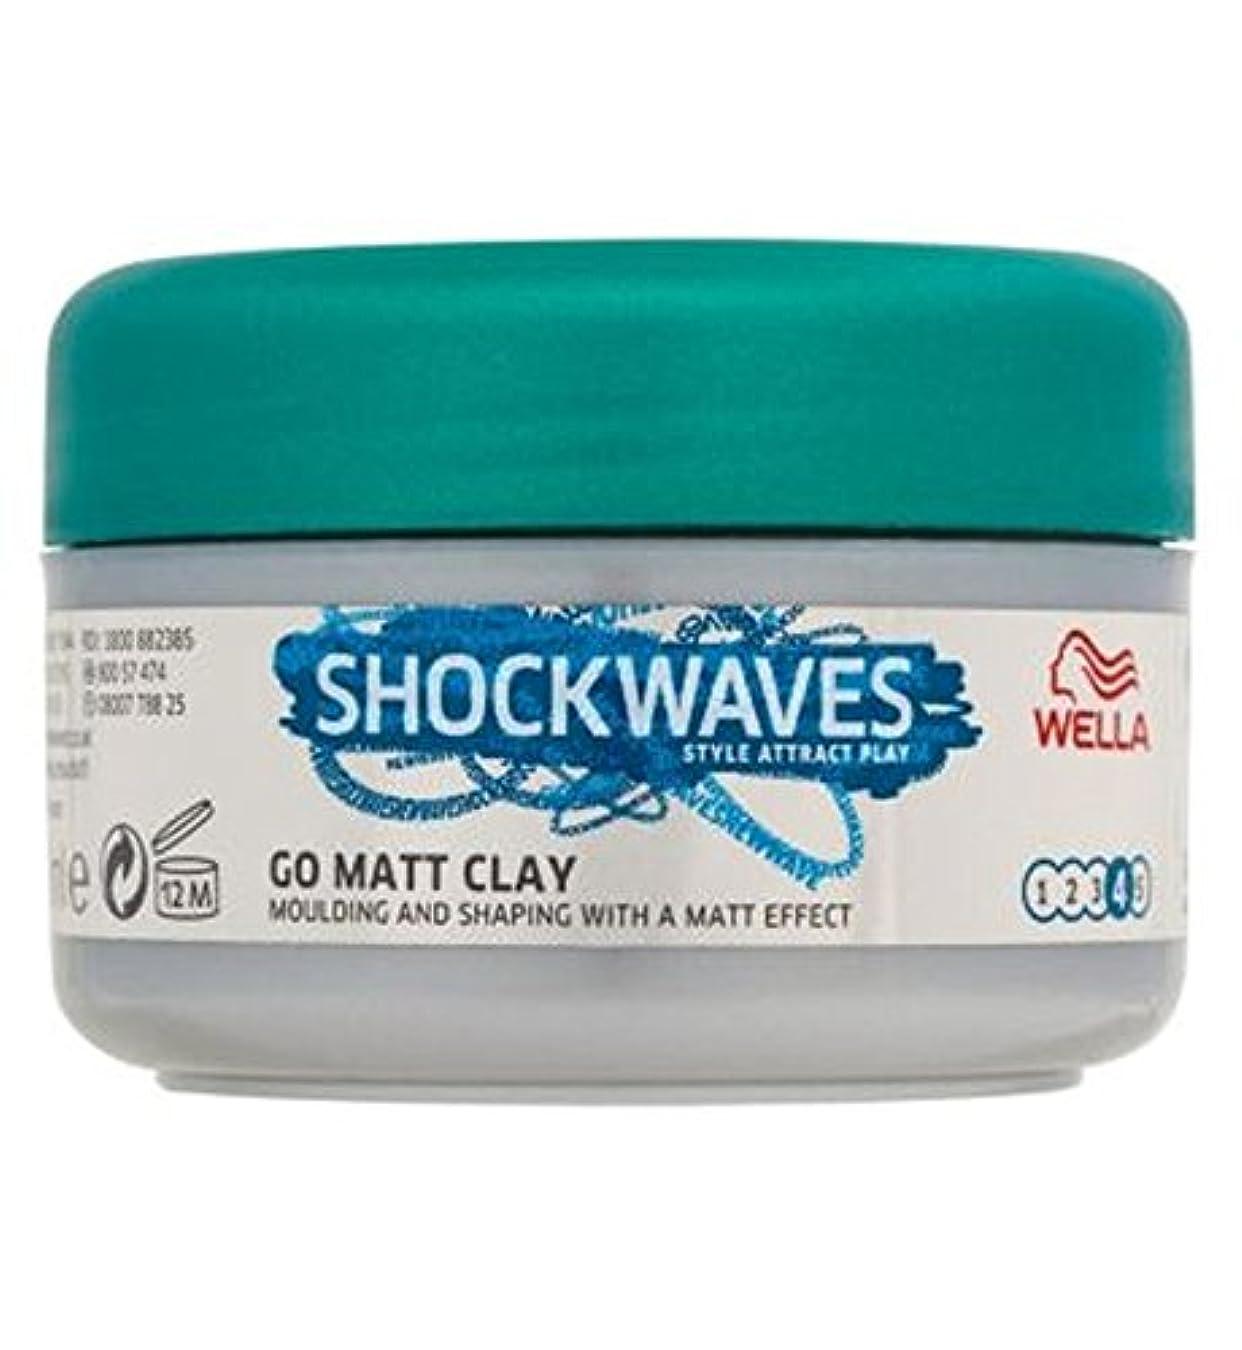 胴体勝利したバターウエラの衝撃波の外向性はマット粘土75ミリリットルを行きます (Wella Shockwaves) (x2) - Wella Shockwaves Extrovert Go Matt Clay 75ml (Pack of...